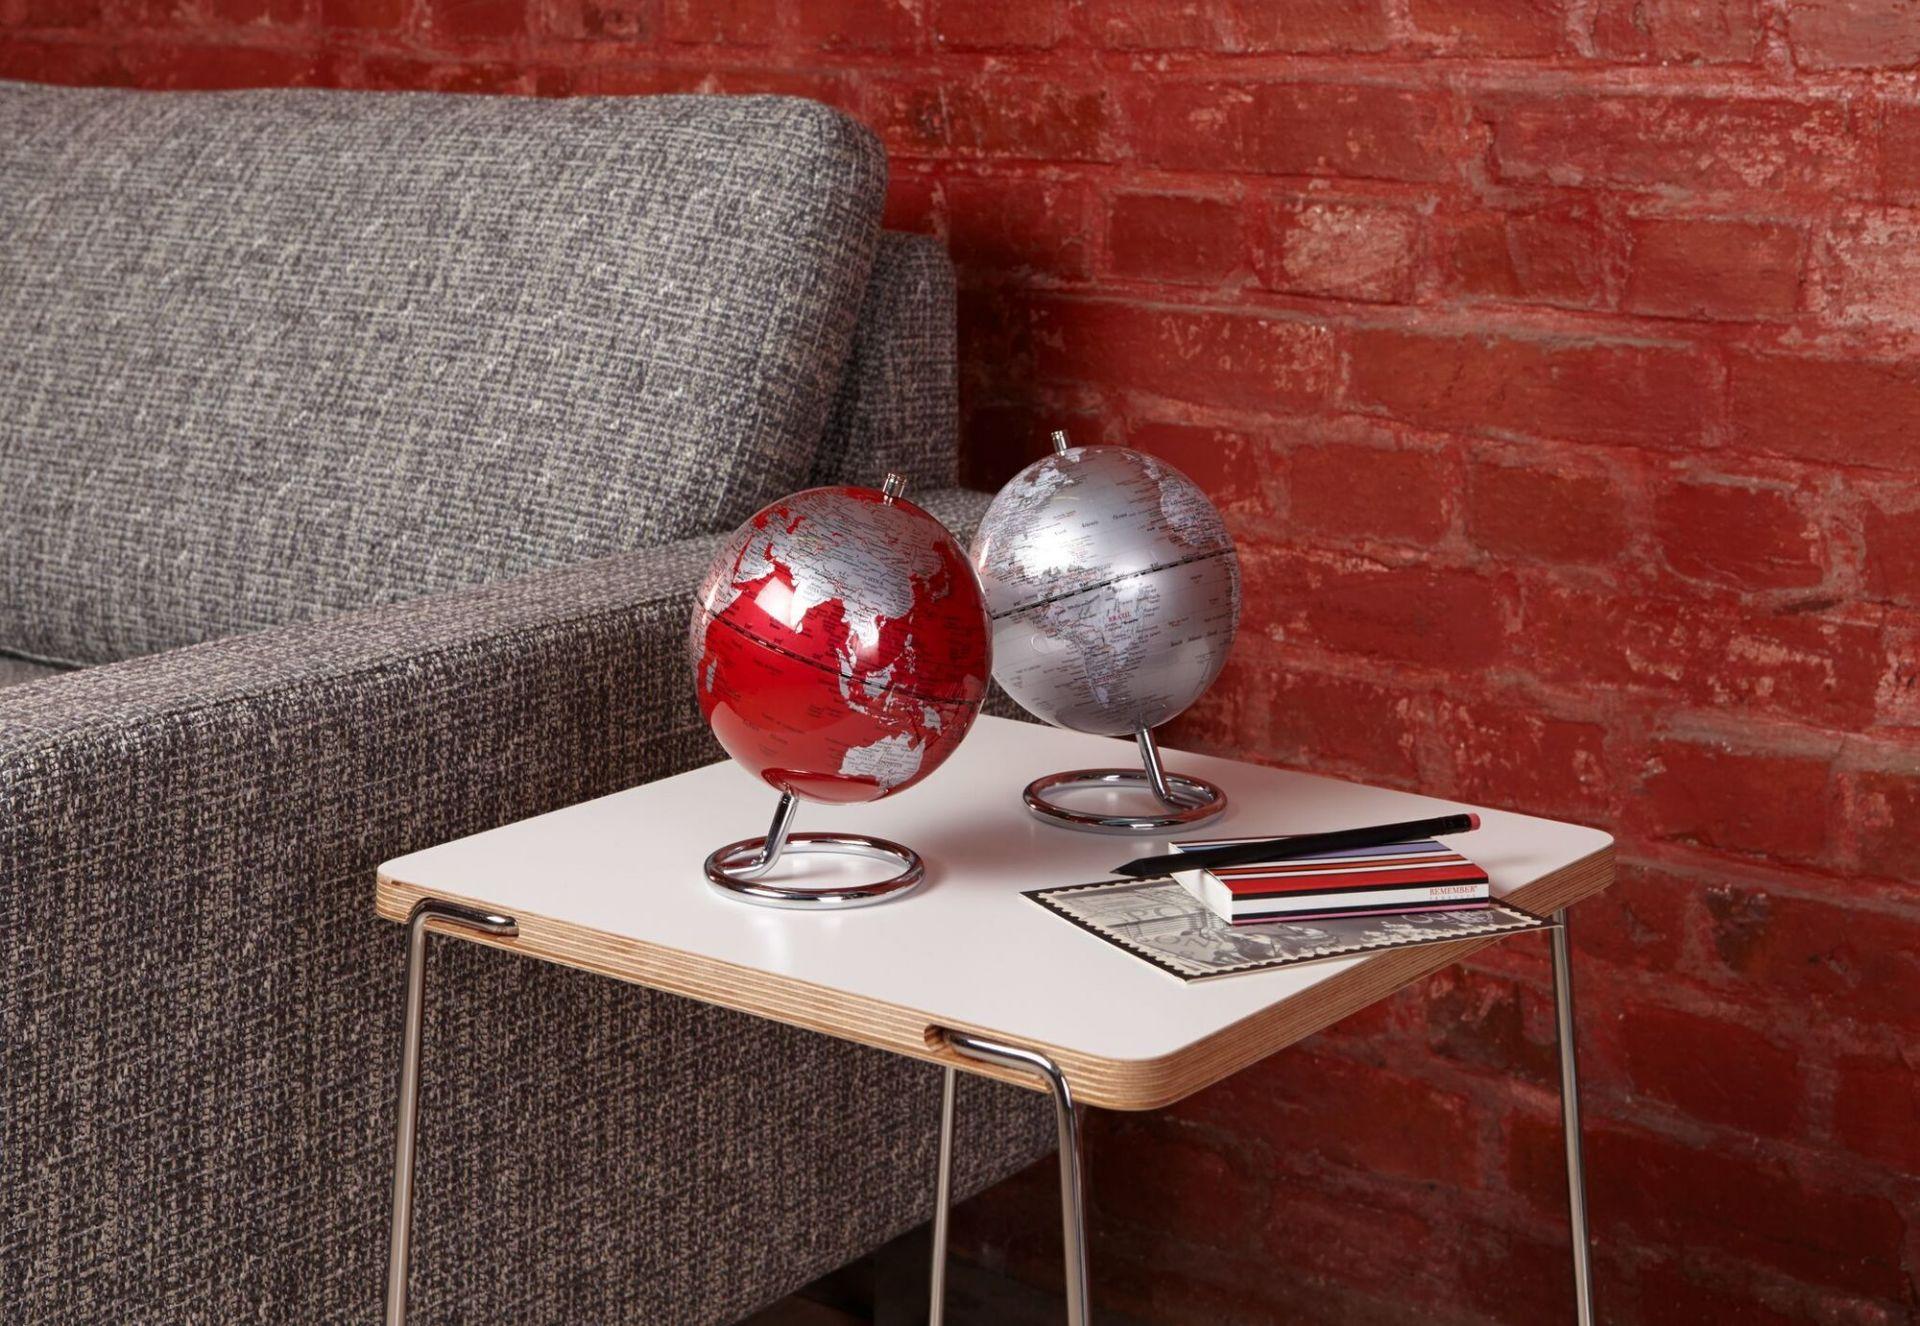 Mini Globus Galilei Red Emform